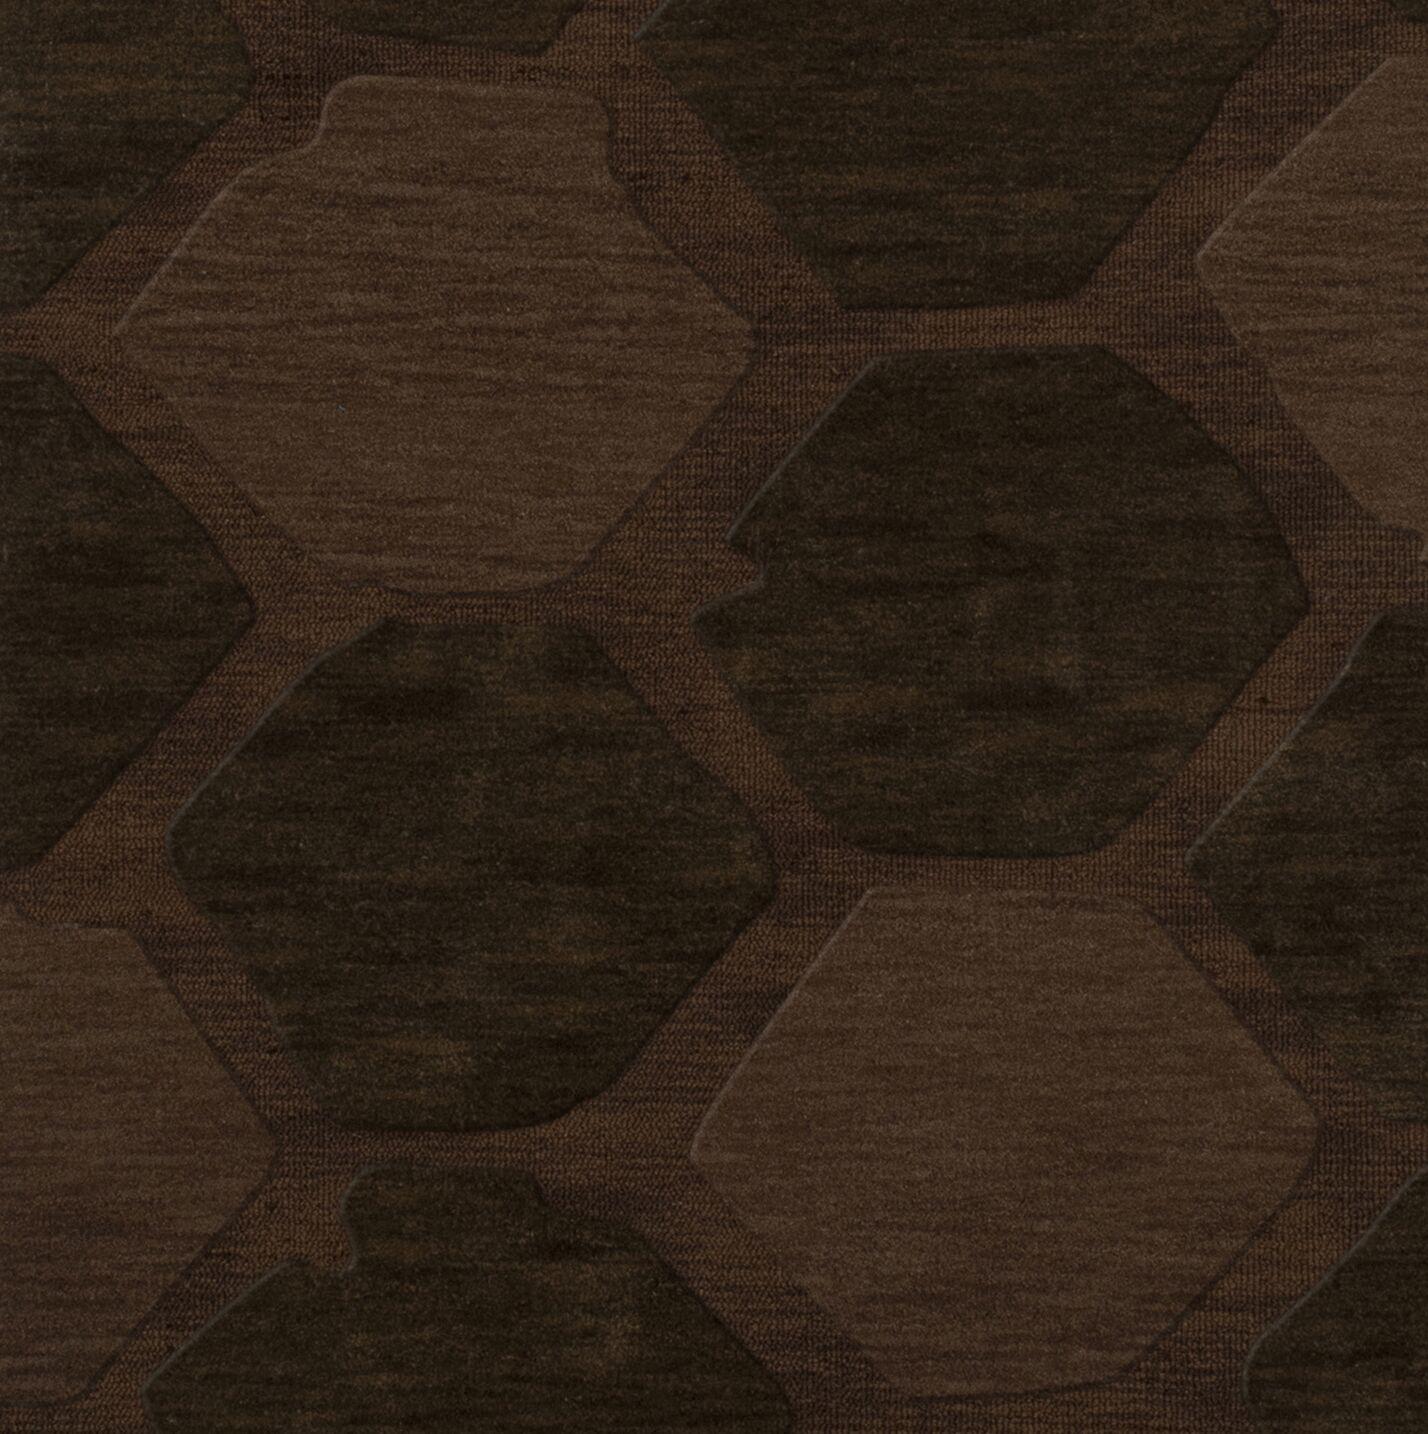 Harmonia Wool Nutmeg Area Rug Rug Size: Square 12'